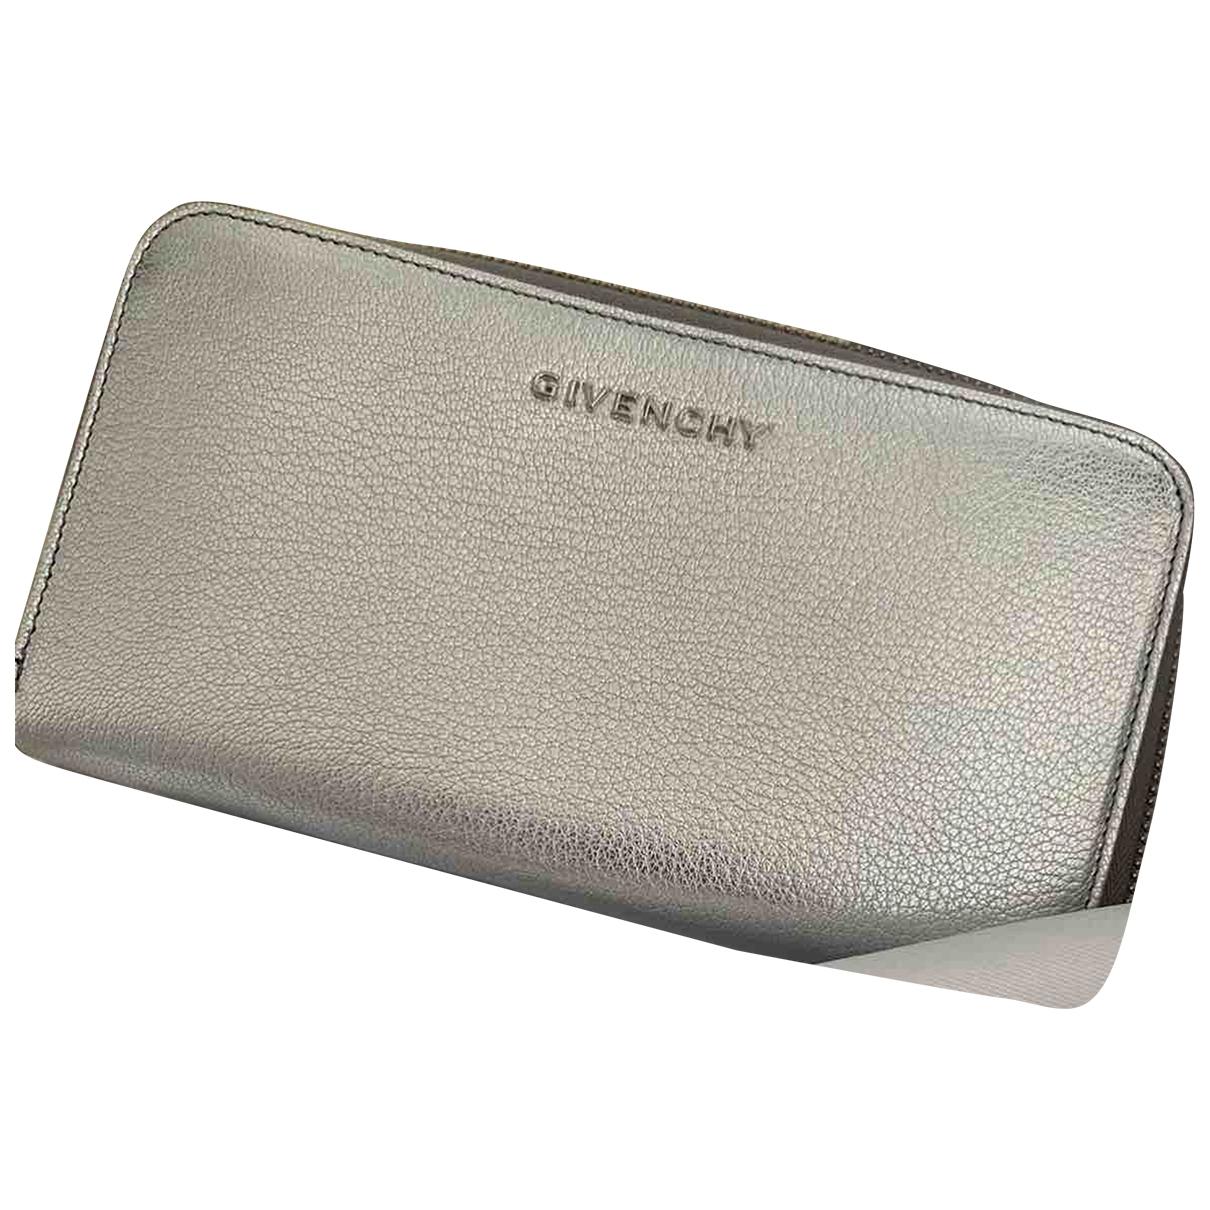 Givenchy - Portefeuille   pour femme en cuir - argente